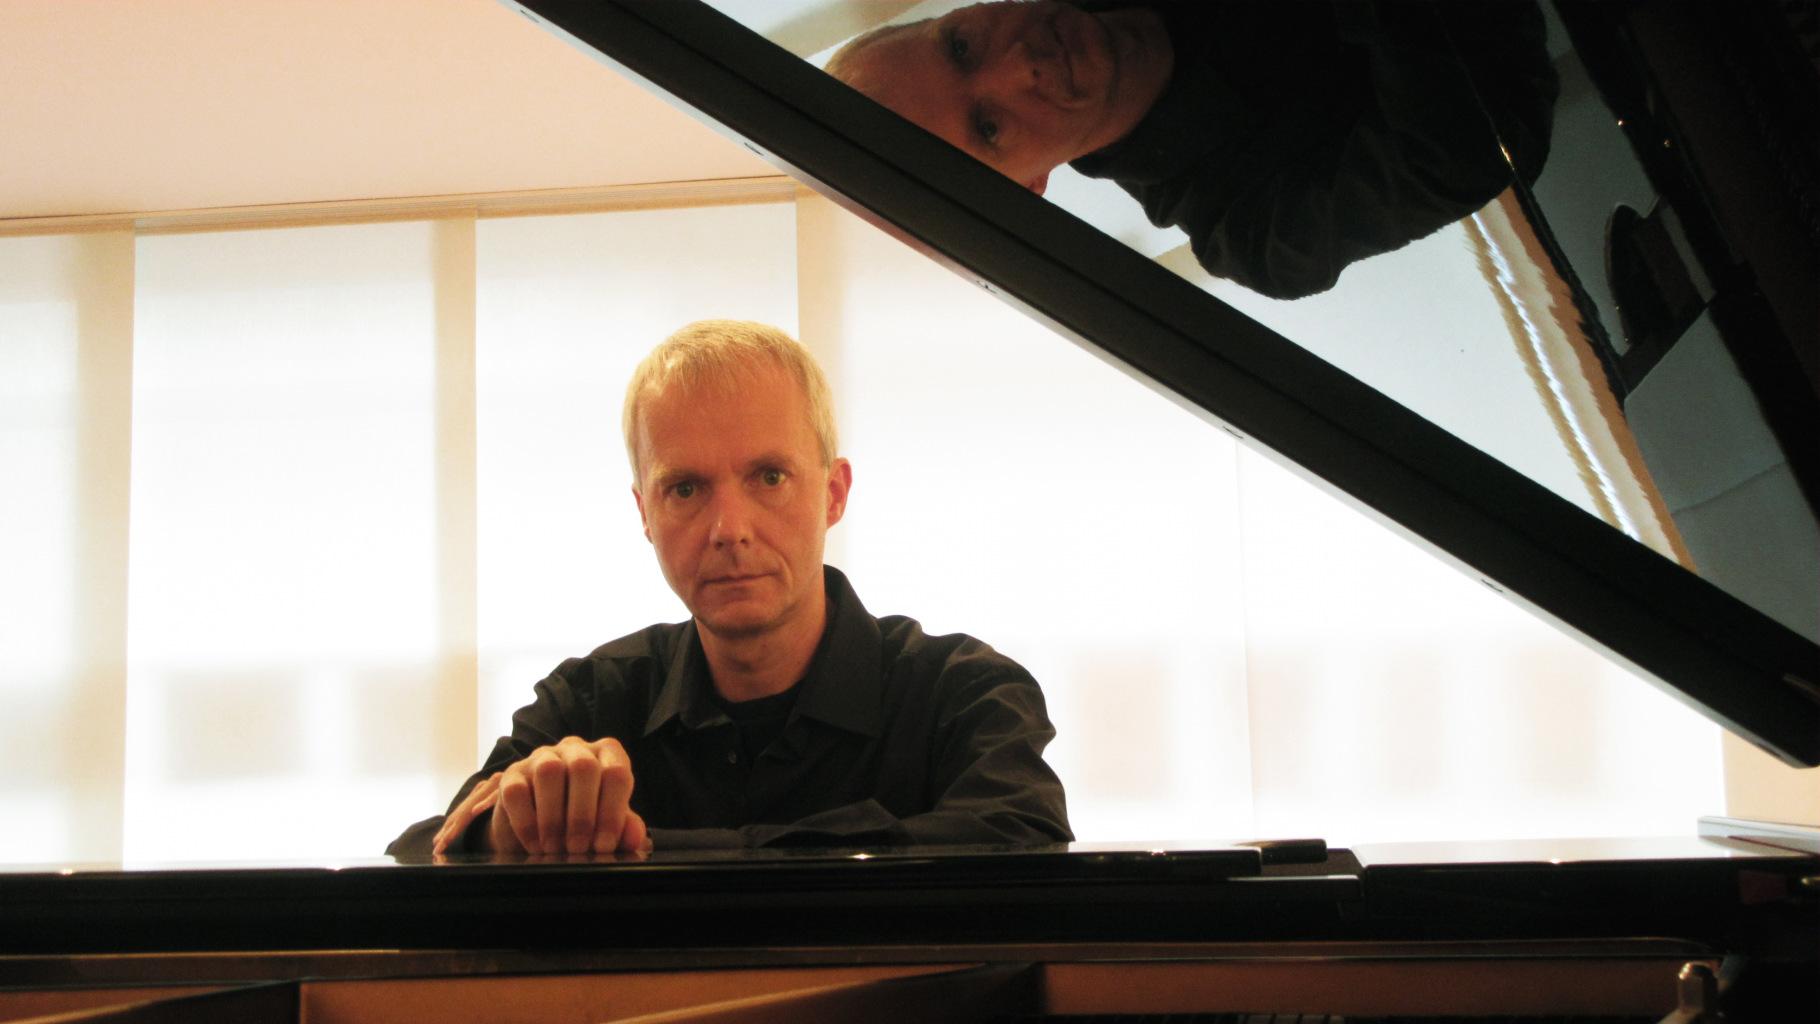 Roland Vossebrecker am Flügel